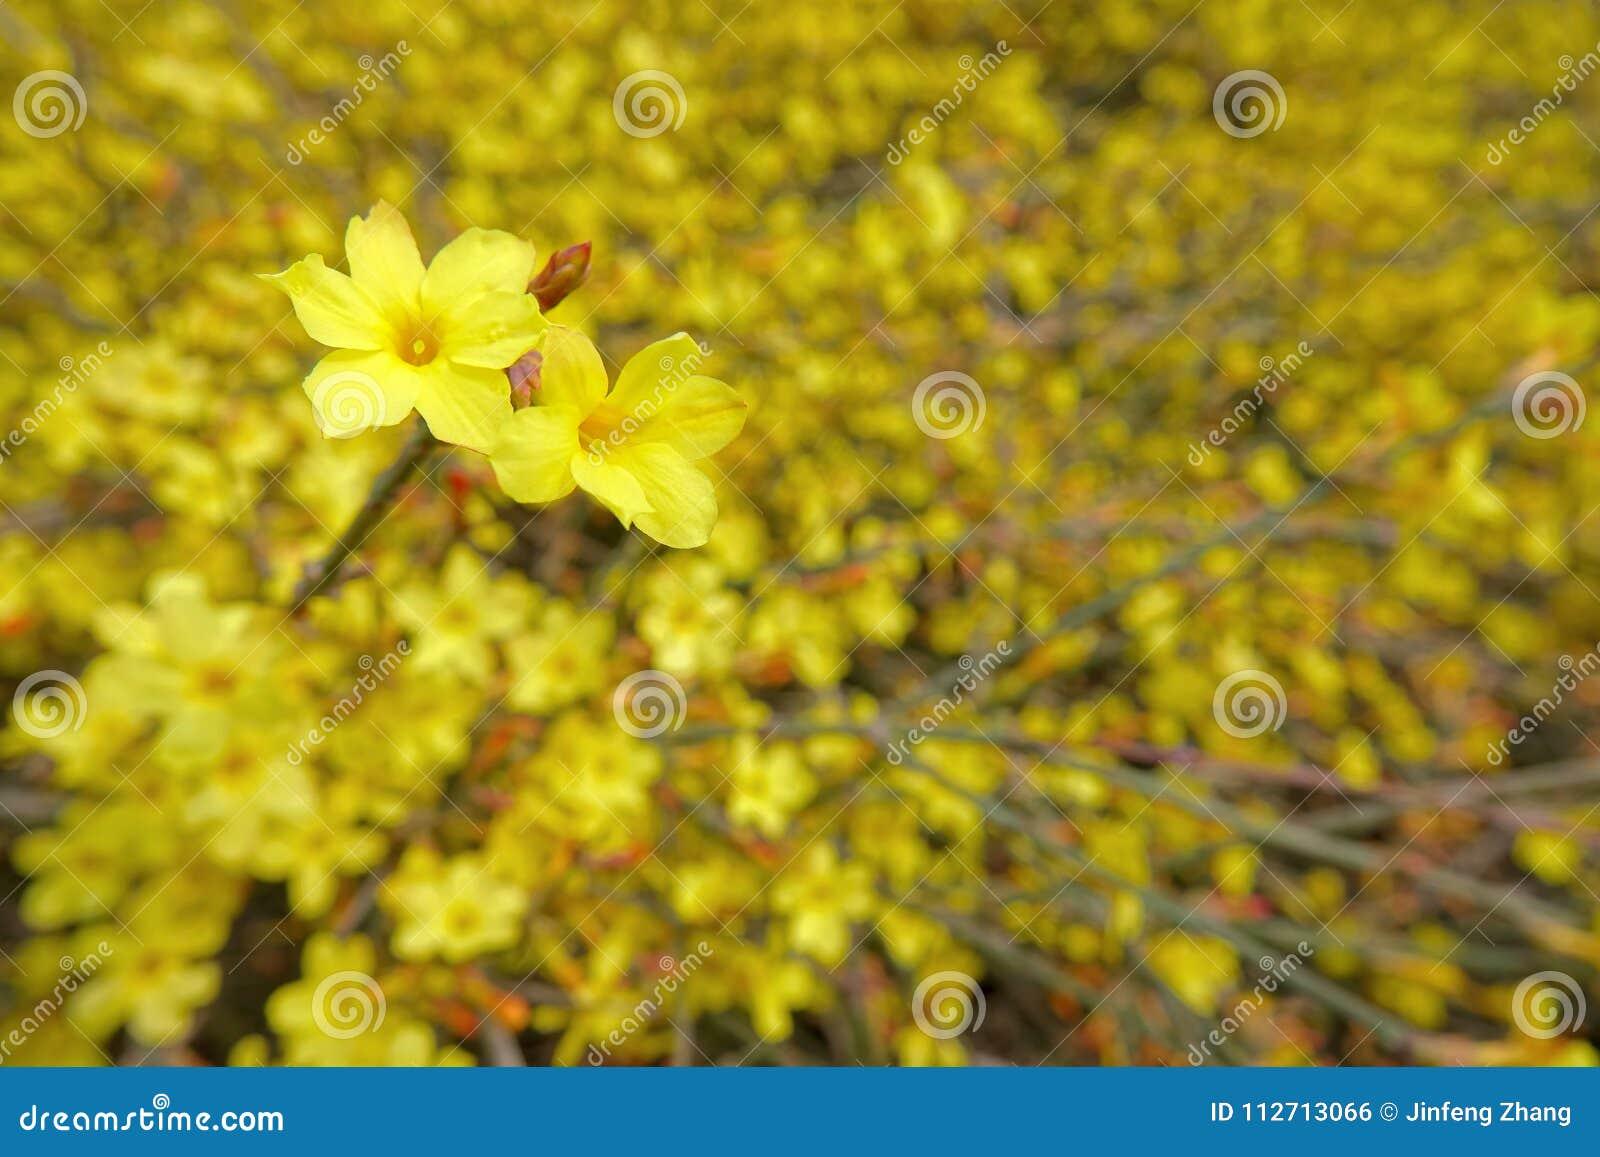 Winter Jasmine Flower Stock Photo Image Of Yellow Flowers 112713066